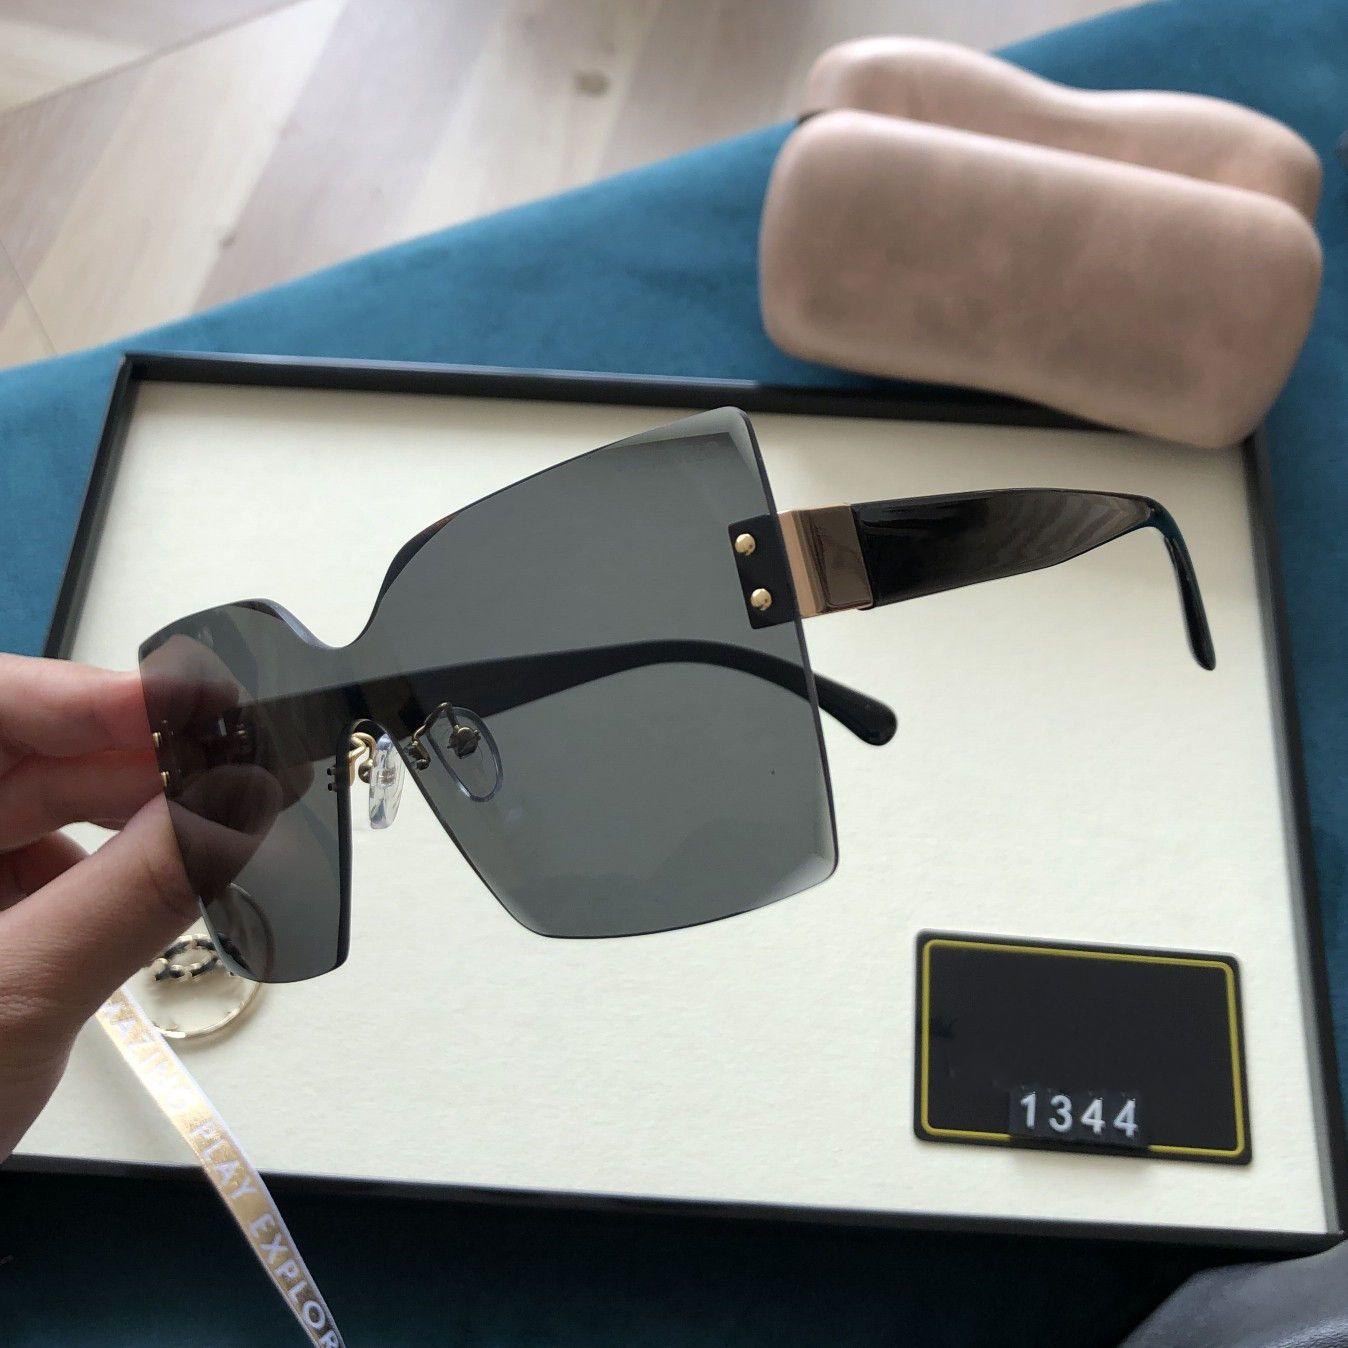 2021 Corpo super Dalian cobrindo óculos fabulosos escudo óculos de sol cópias em óculos de sol 1344 / sg / s espelho protetor de raio X